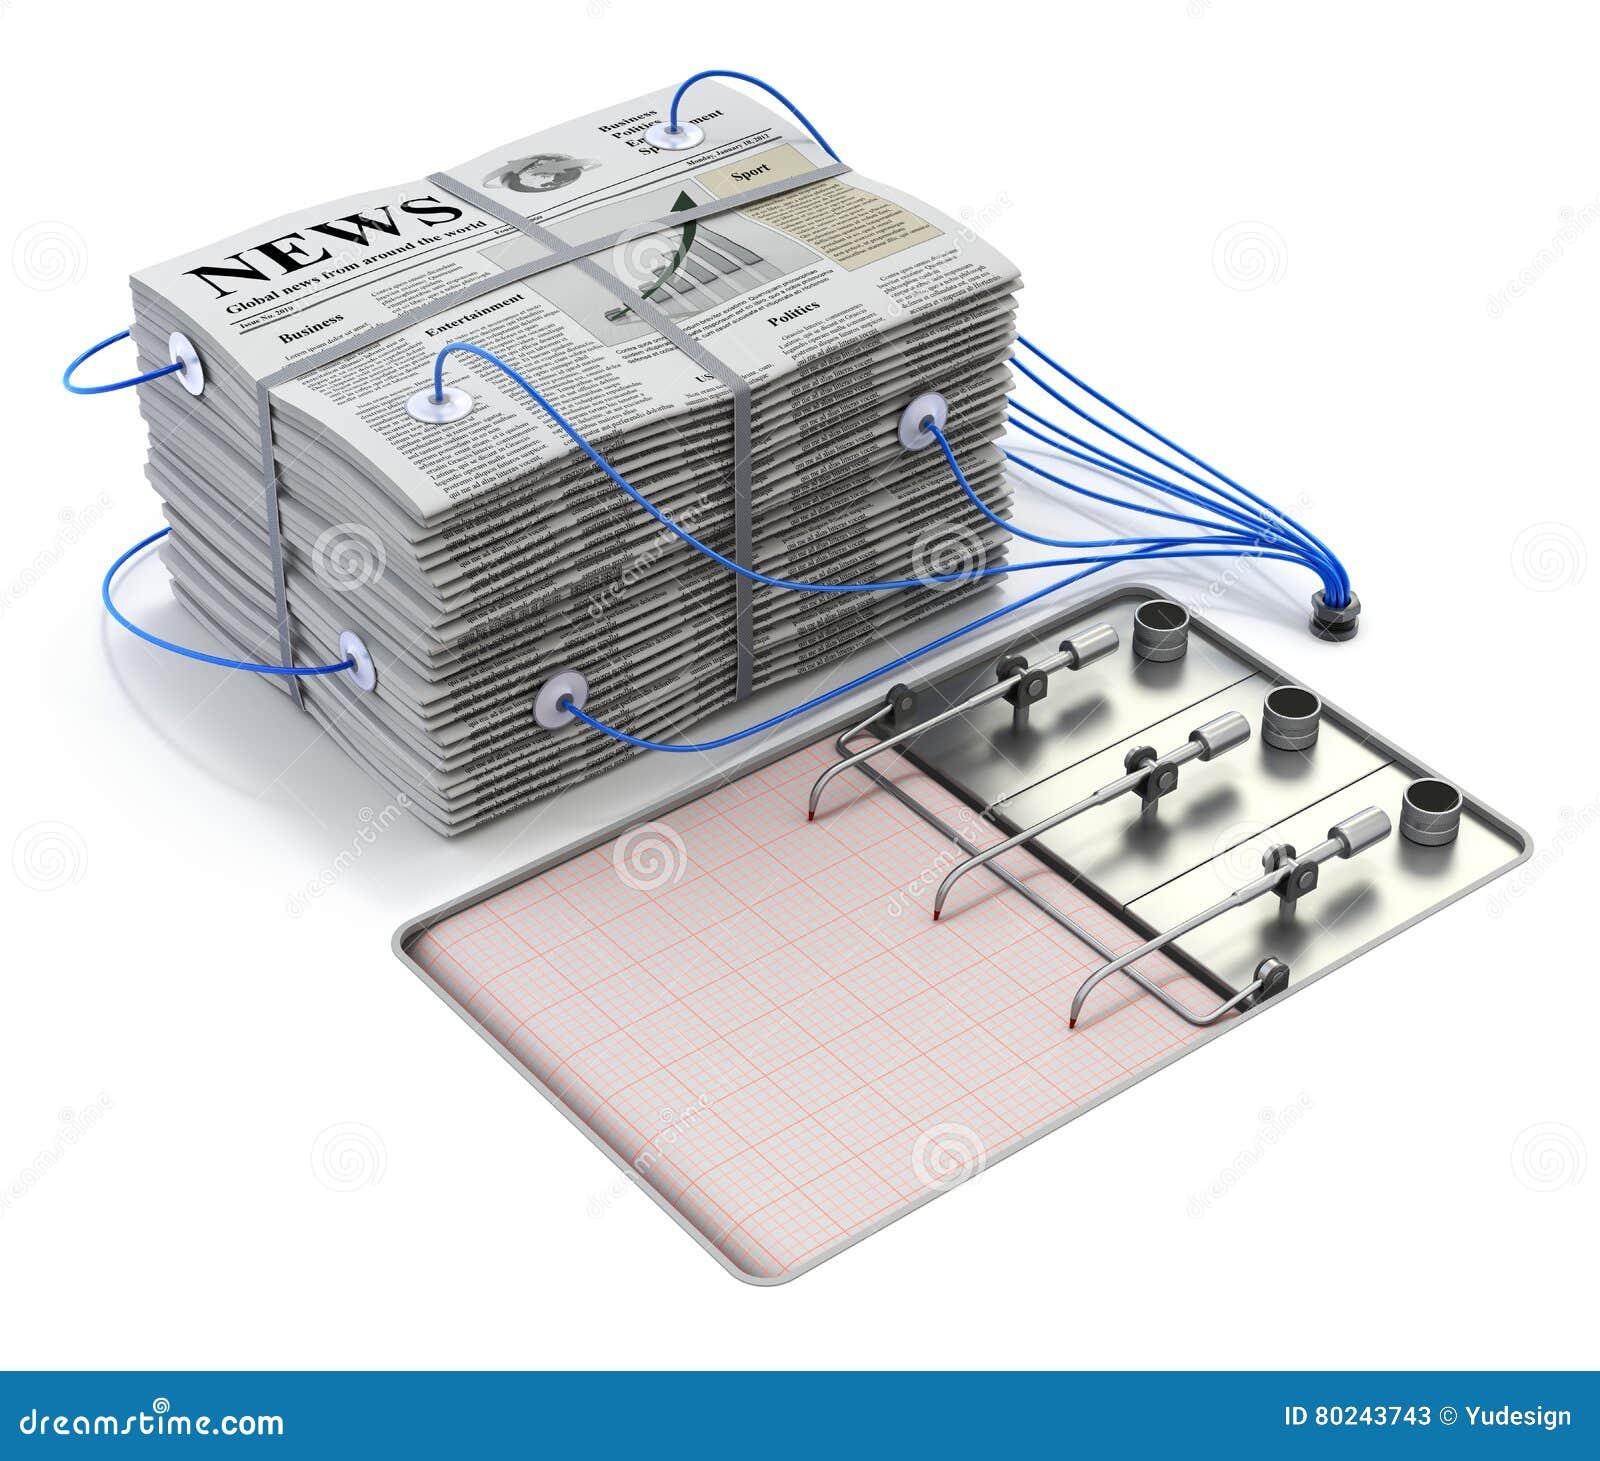 Stapel von Zeitungen auf dem Polygraphlügendetektor